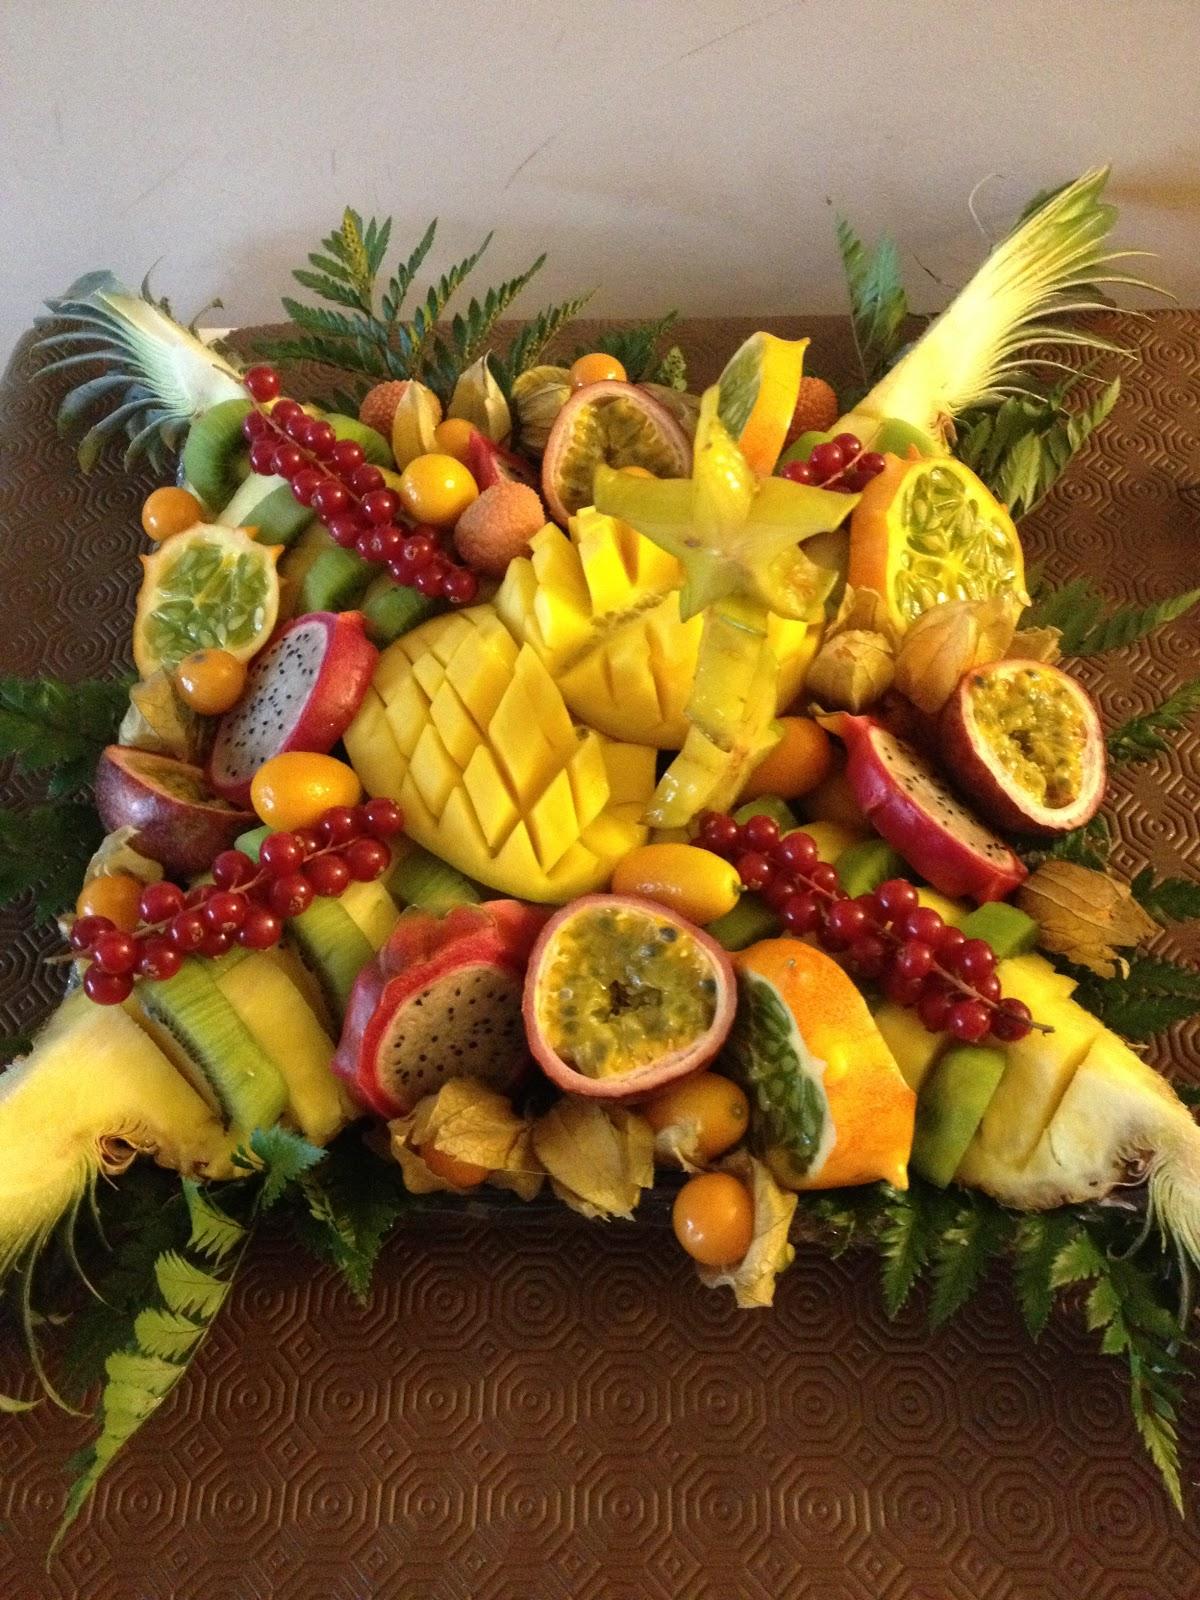 A chacun sa gourmandise d co de fruits for Decoupe fruit decoration